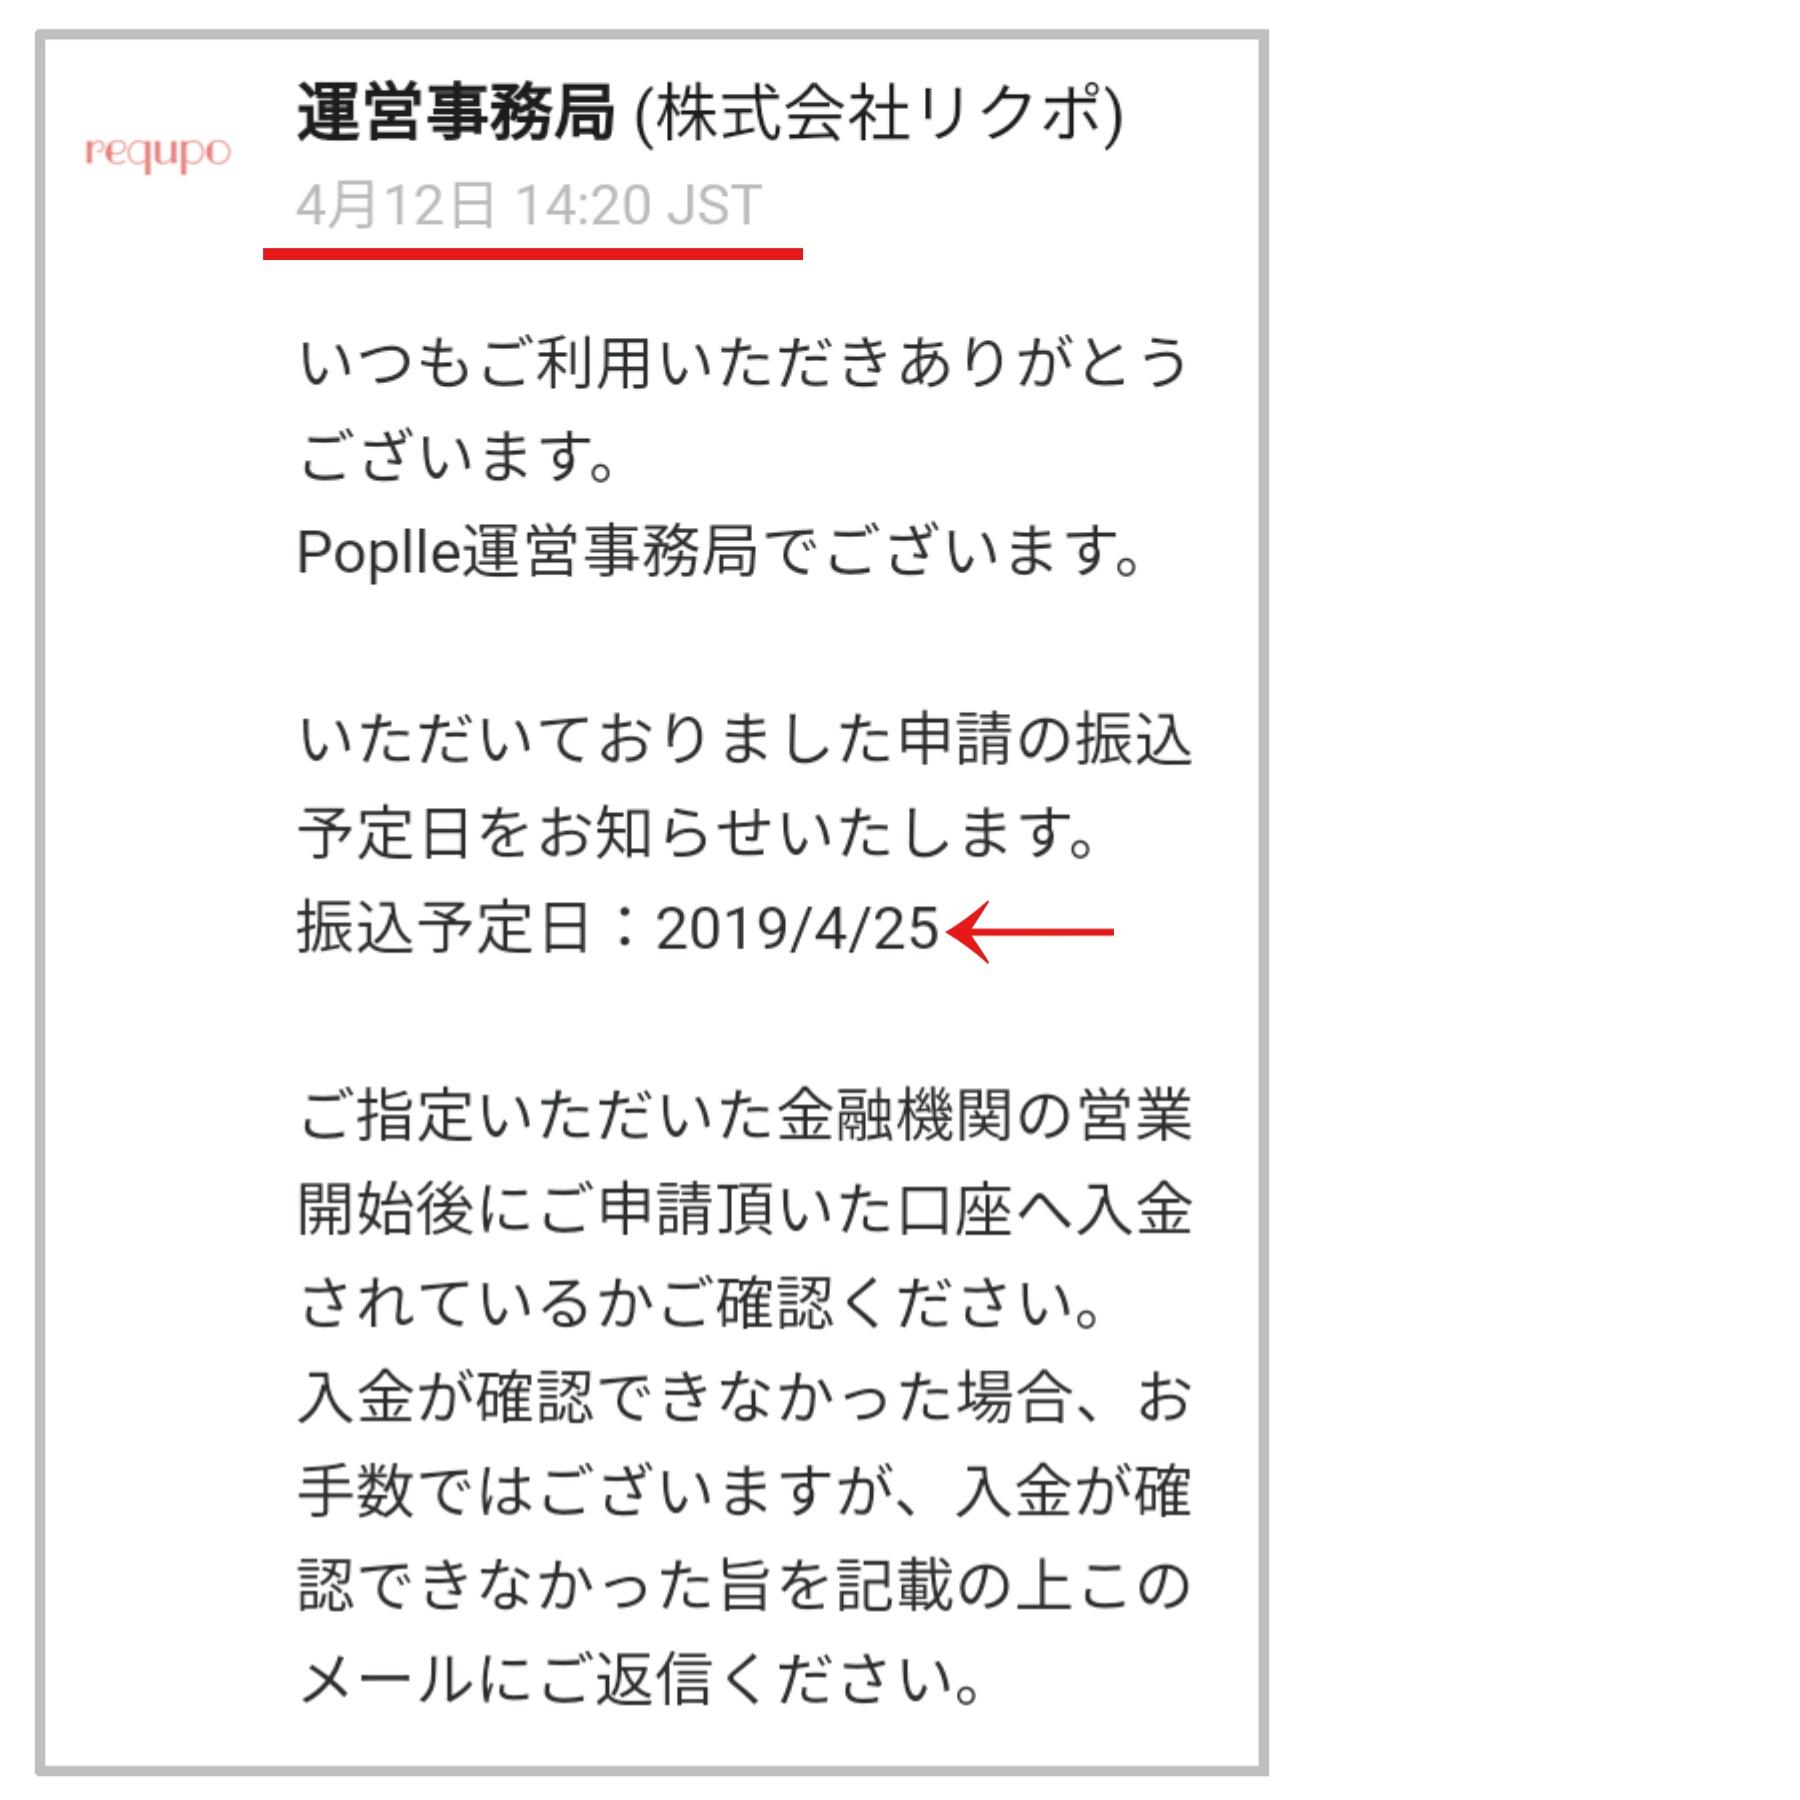 いいね!がお金になるアプリ「Poplle(ポップル)」振込予定日直前&追加機能